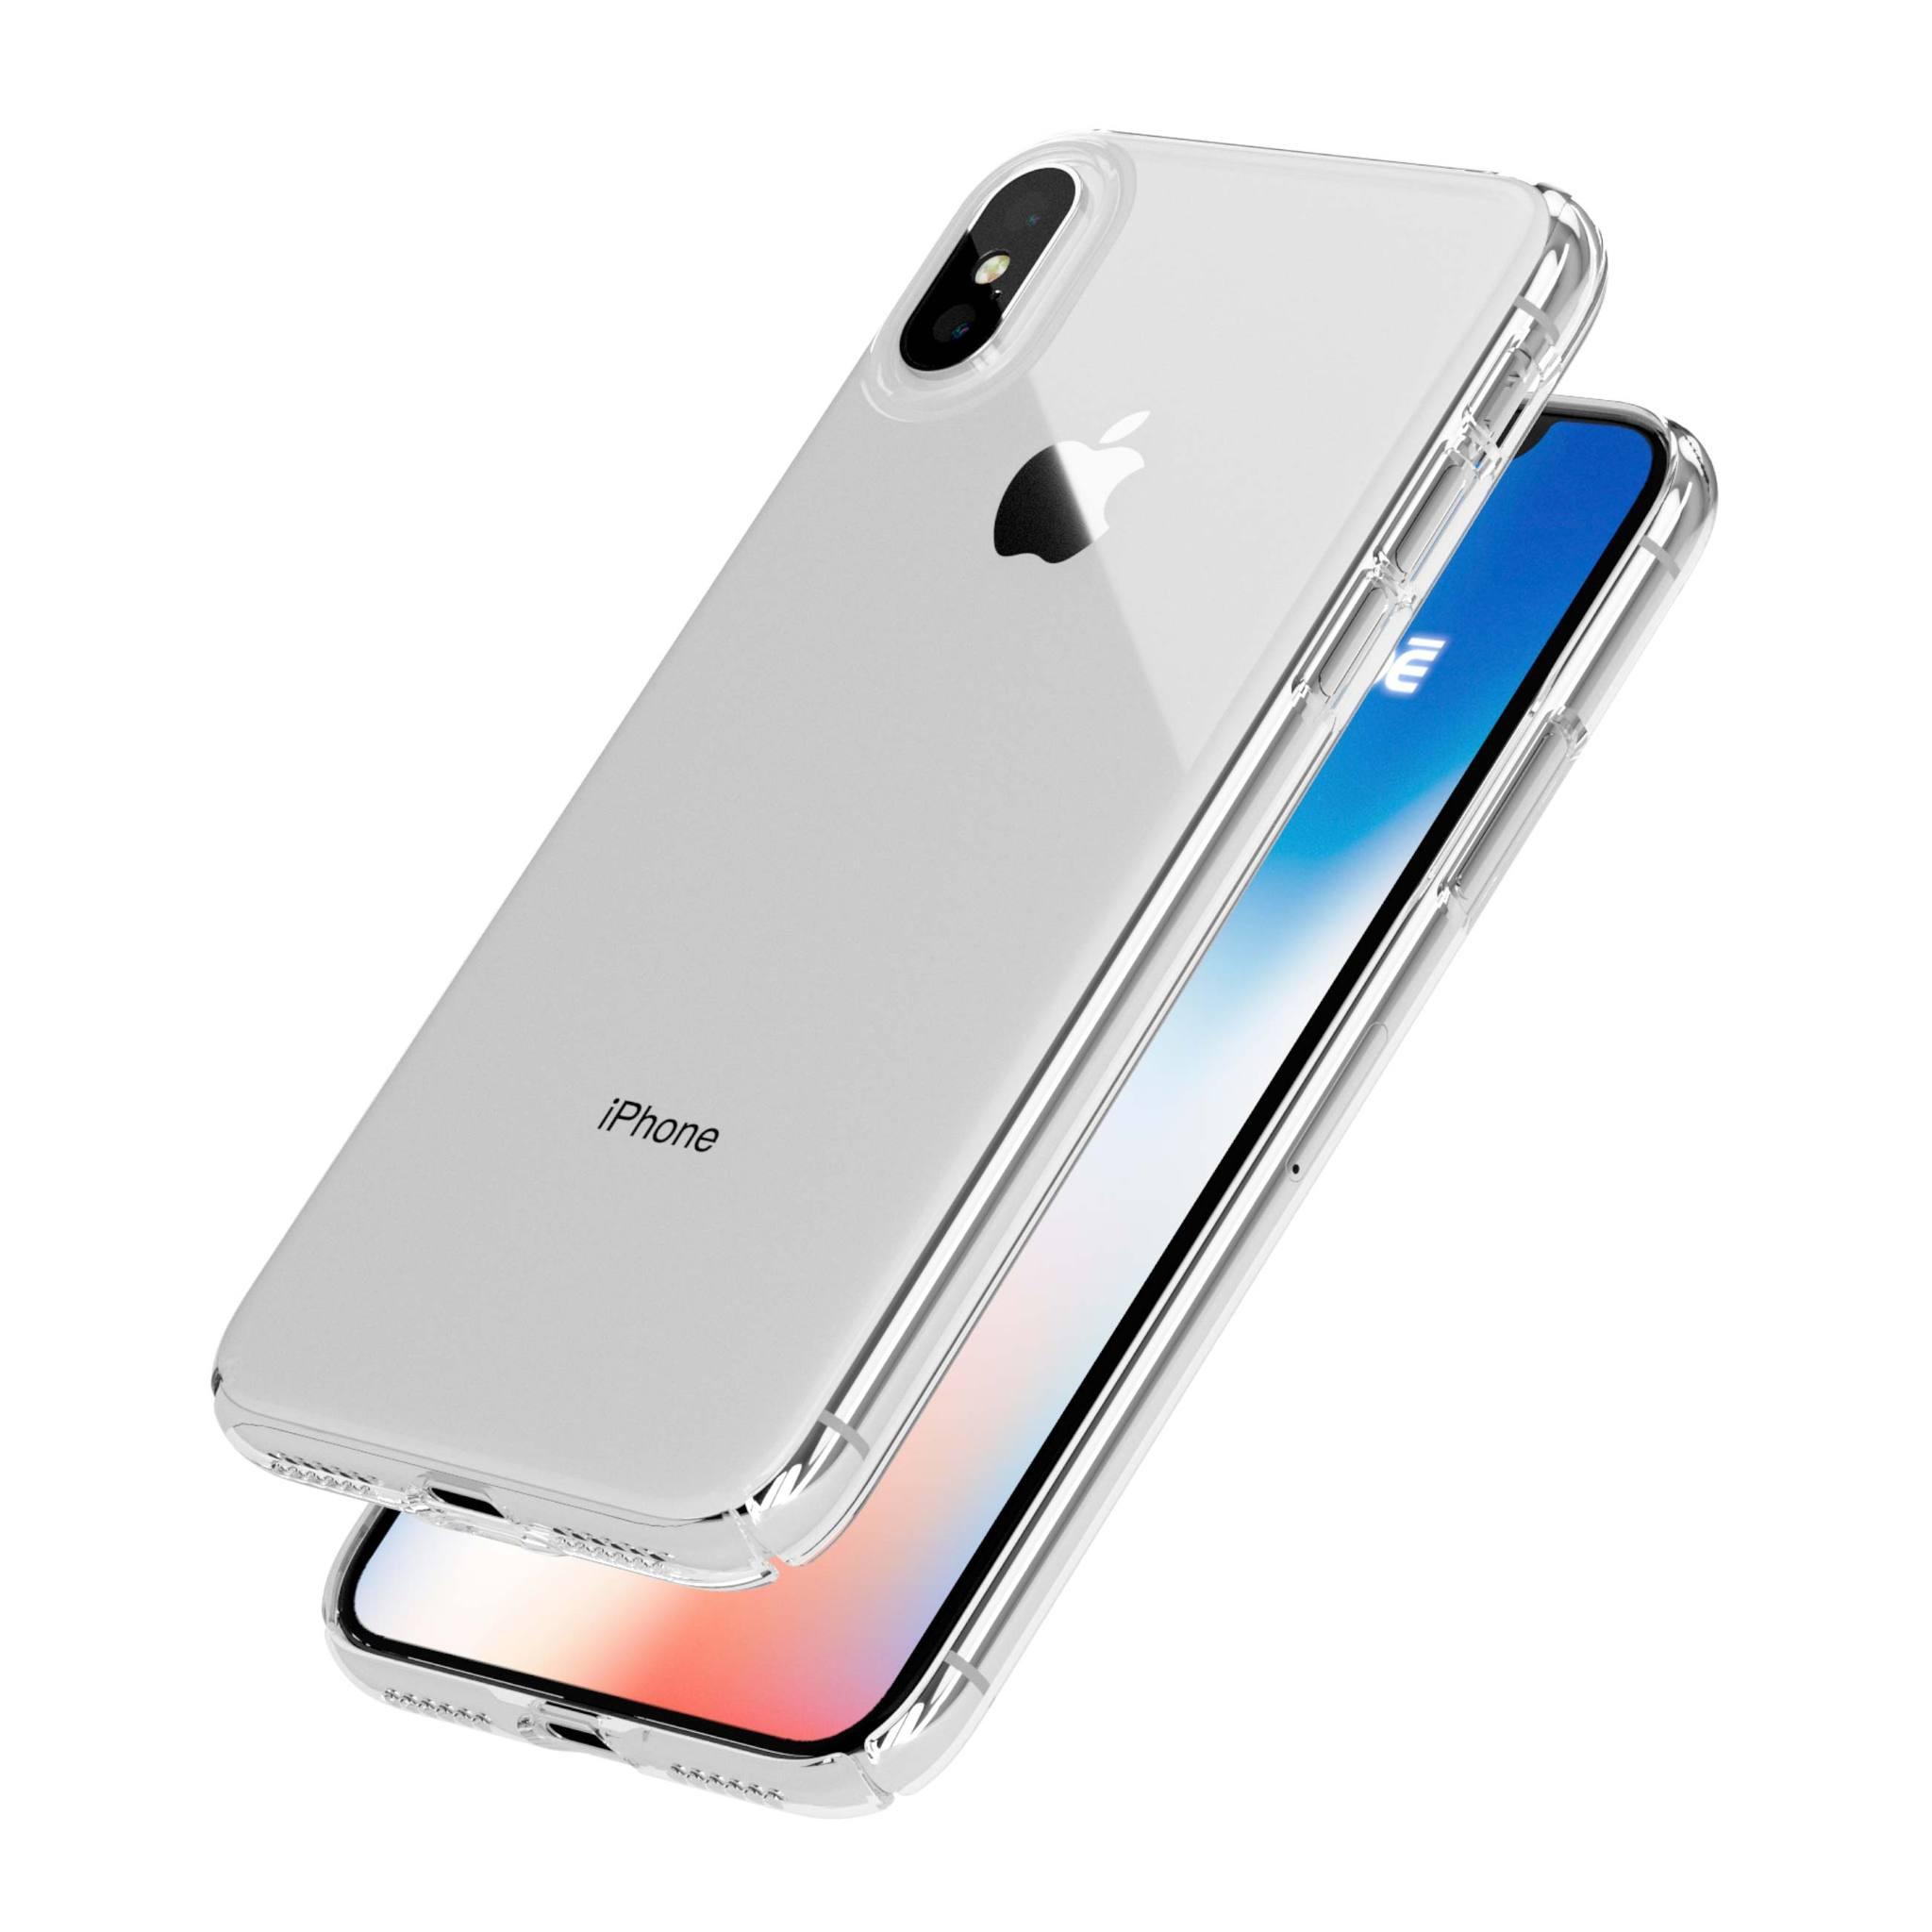 ETUI CLEAR GLASS NA TELEFON IPHONE X / XS